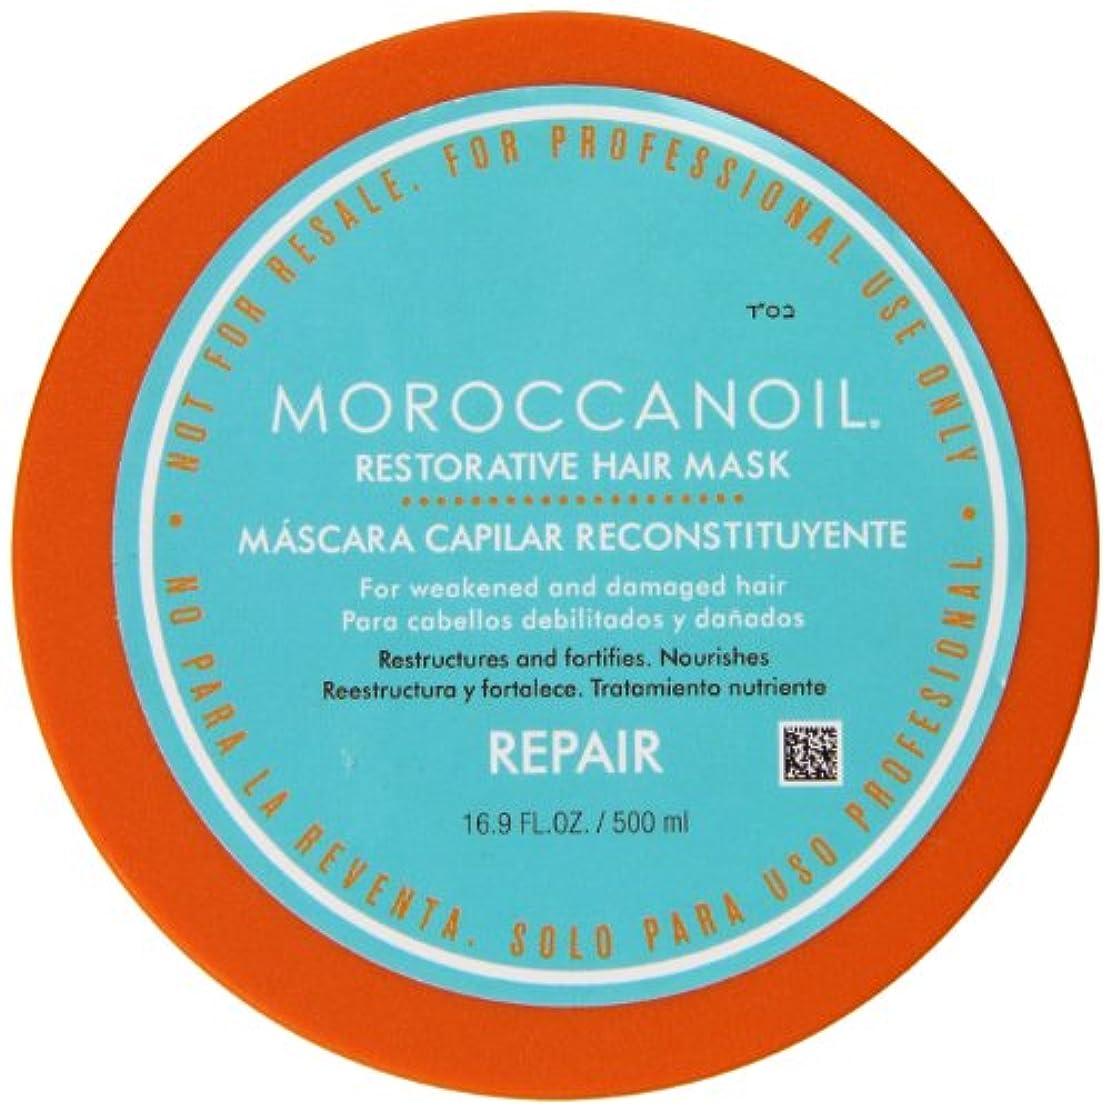 モロッカンオイル リストラクティブ ヘア マスク (ダメージを受けた髪用) 500ml/16.9oz並行輸入品